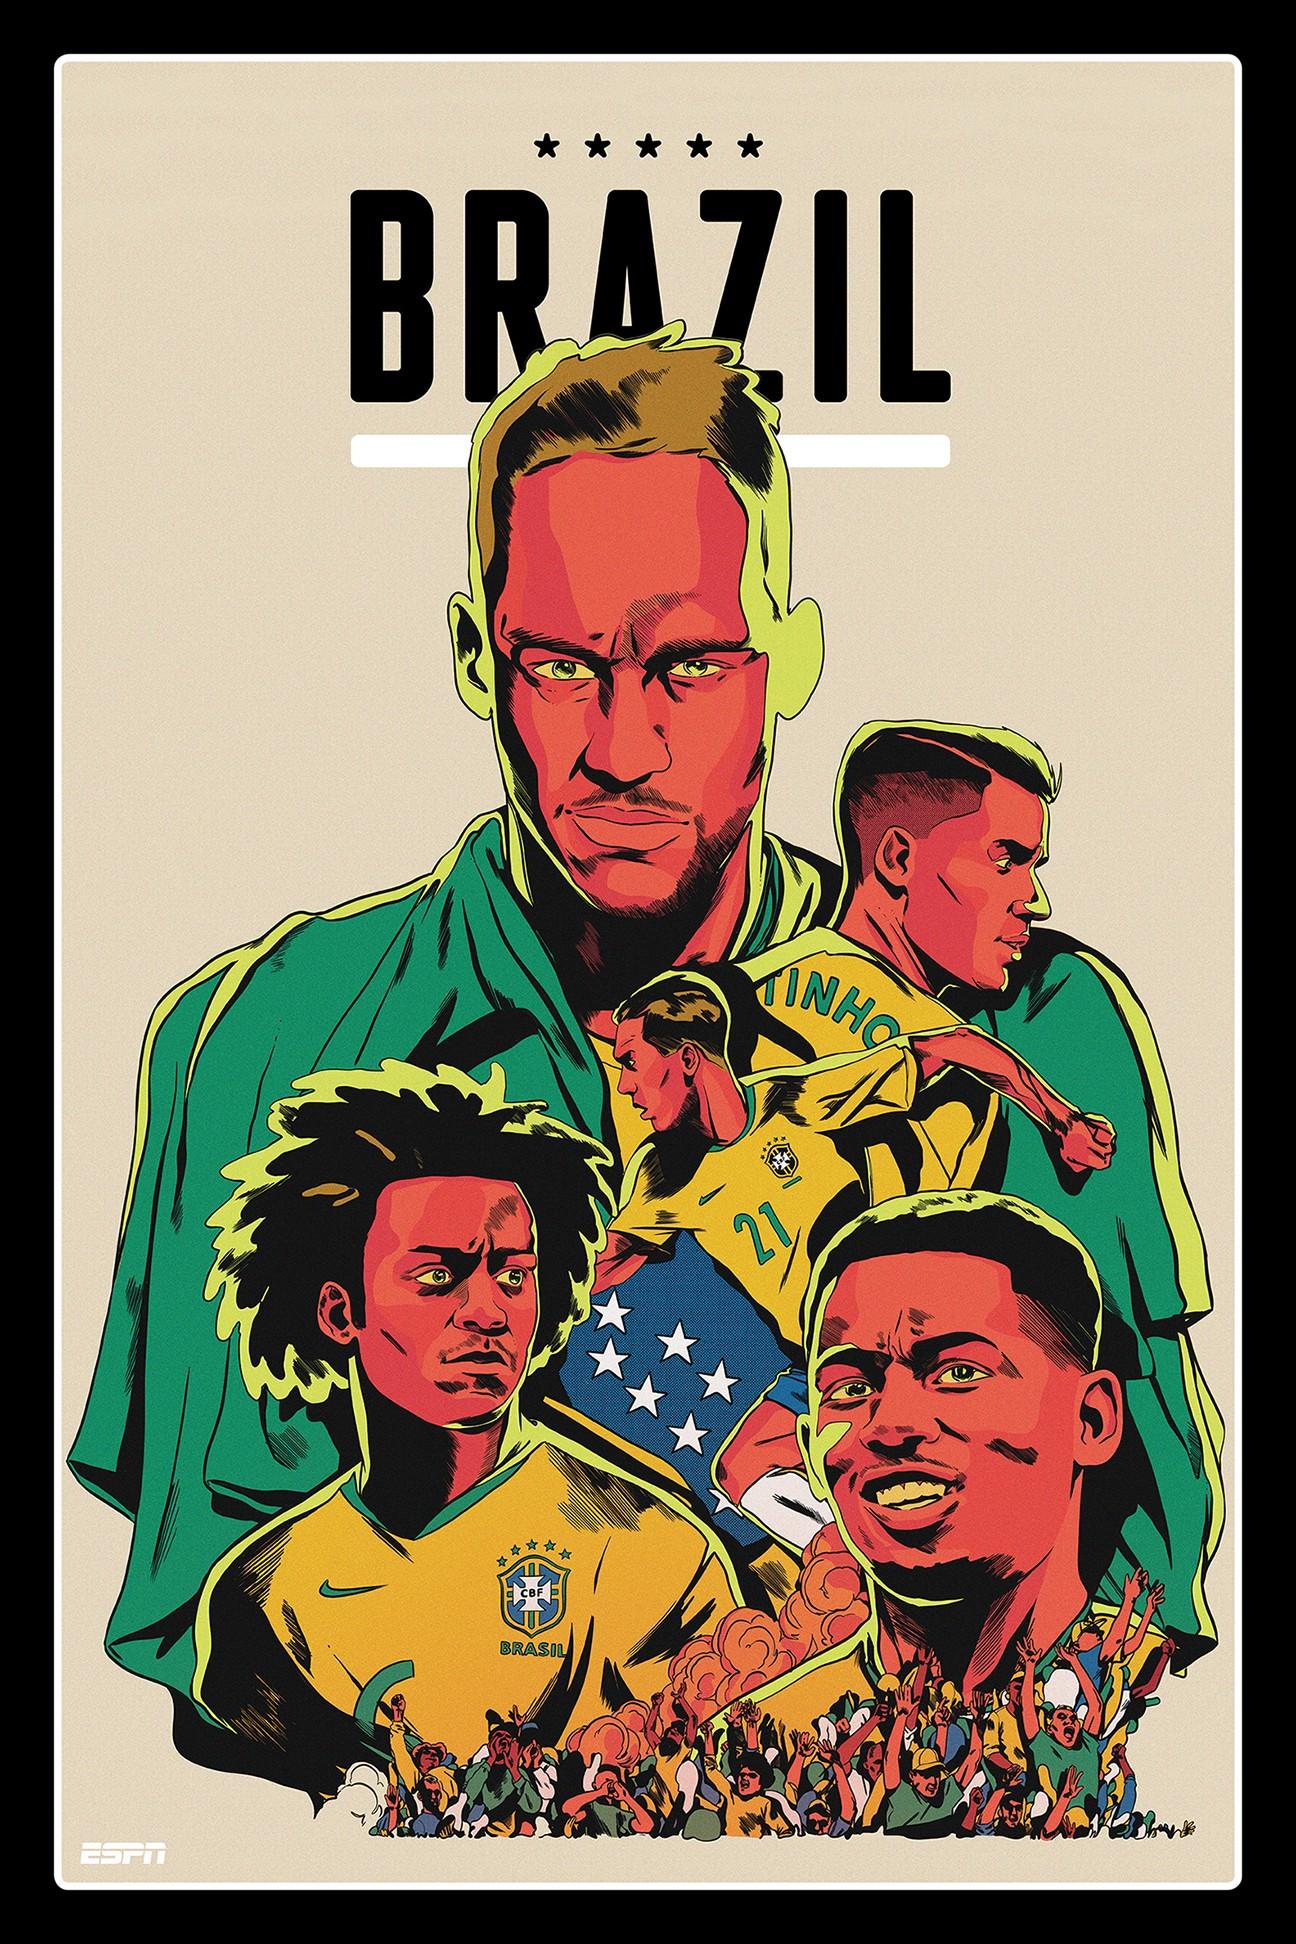 图集:espn发布世界杯球队海报,顶级插画师设计质感十足